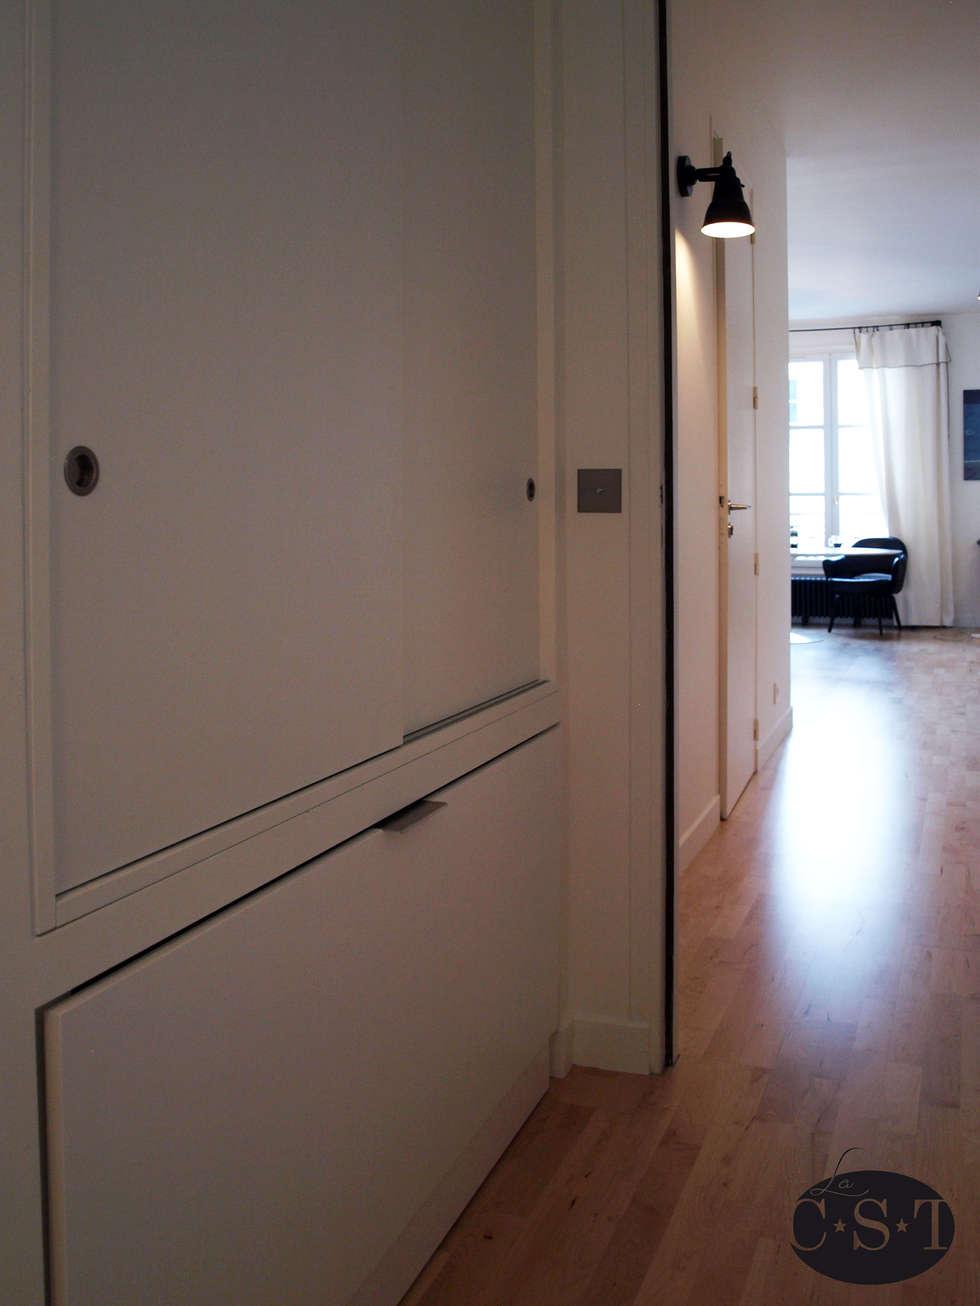 Meubles de rangement: placard haut et niche basse avec porte façon soute.: Chambre de style de style Minimaliste par La C.S.T